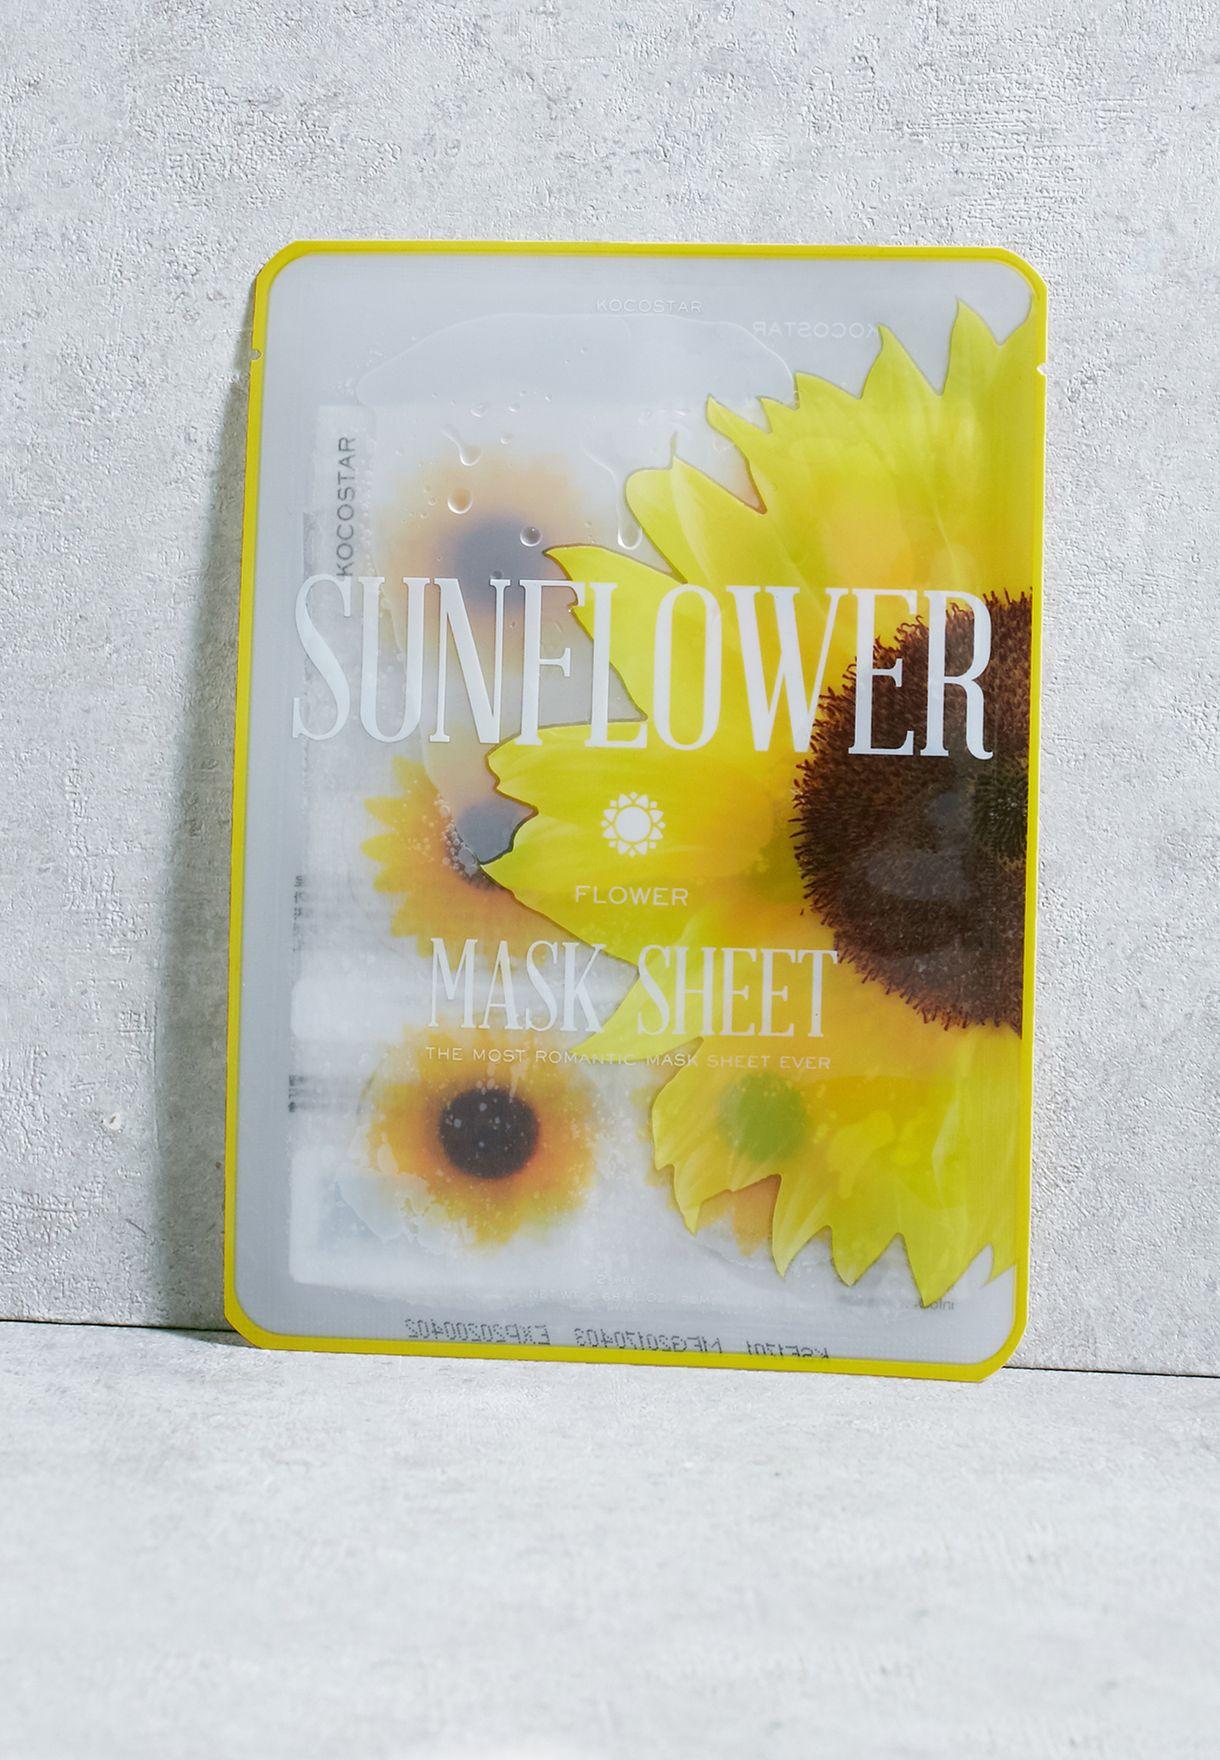 Sun Flower Mast Sheet